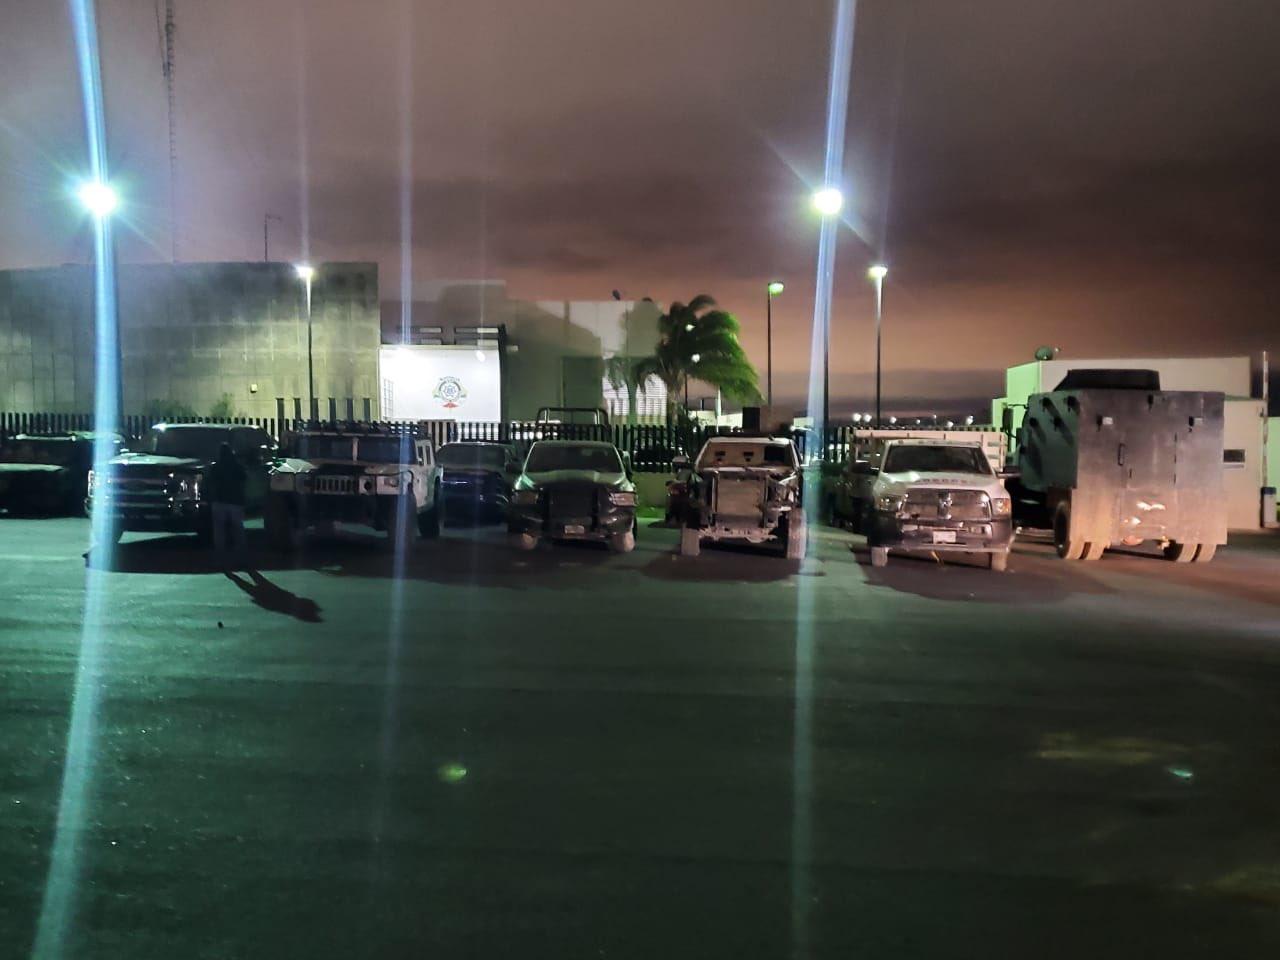 Fotos: Le quitan 6 camiones monstruo blindados al Cártel del Golfo en Reynosa; Tamaulipas